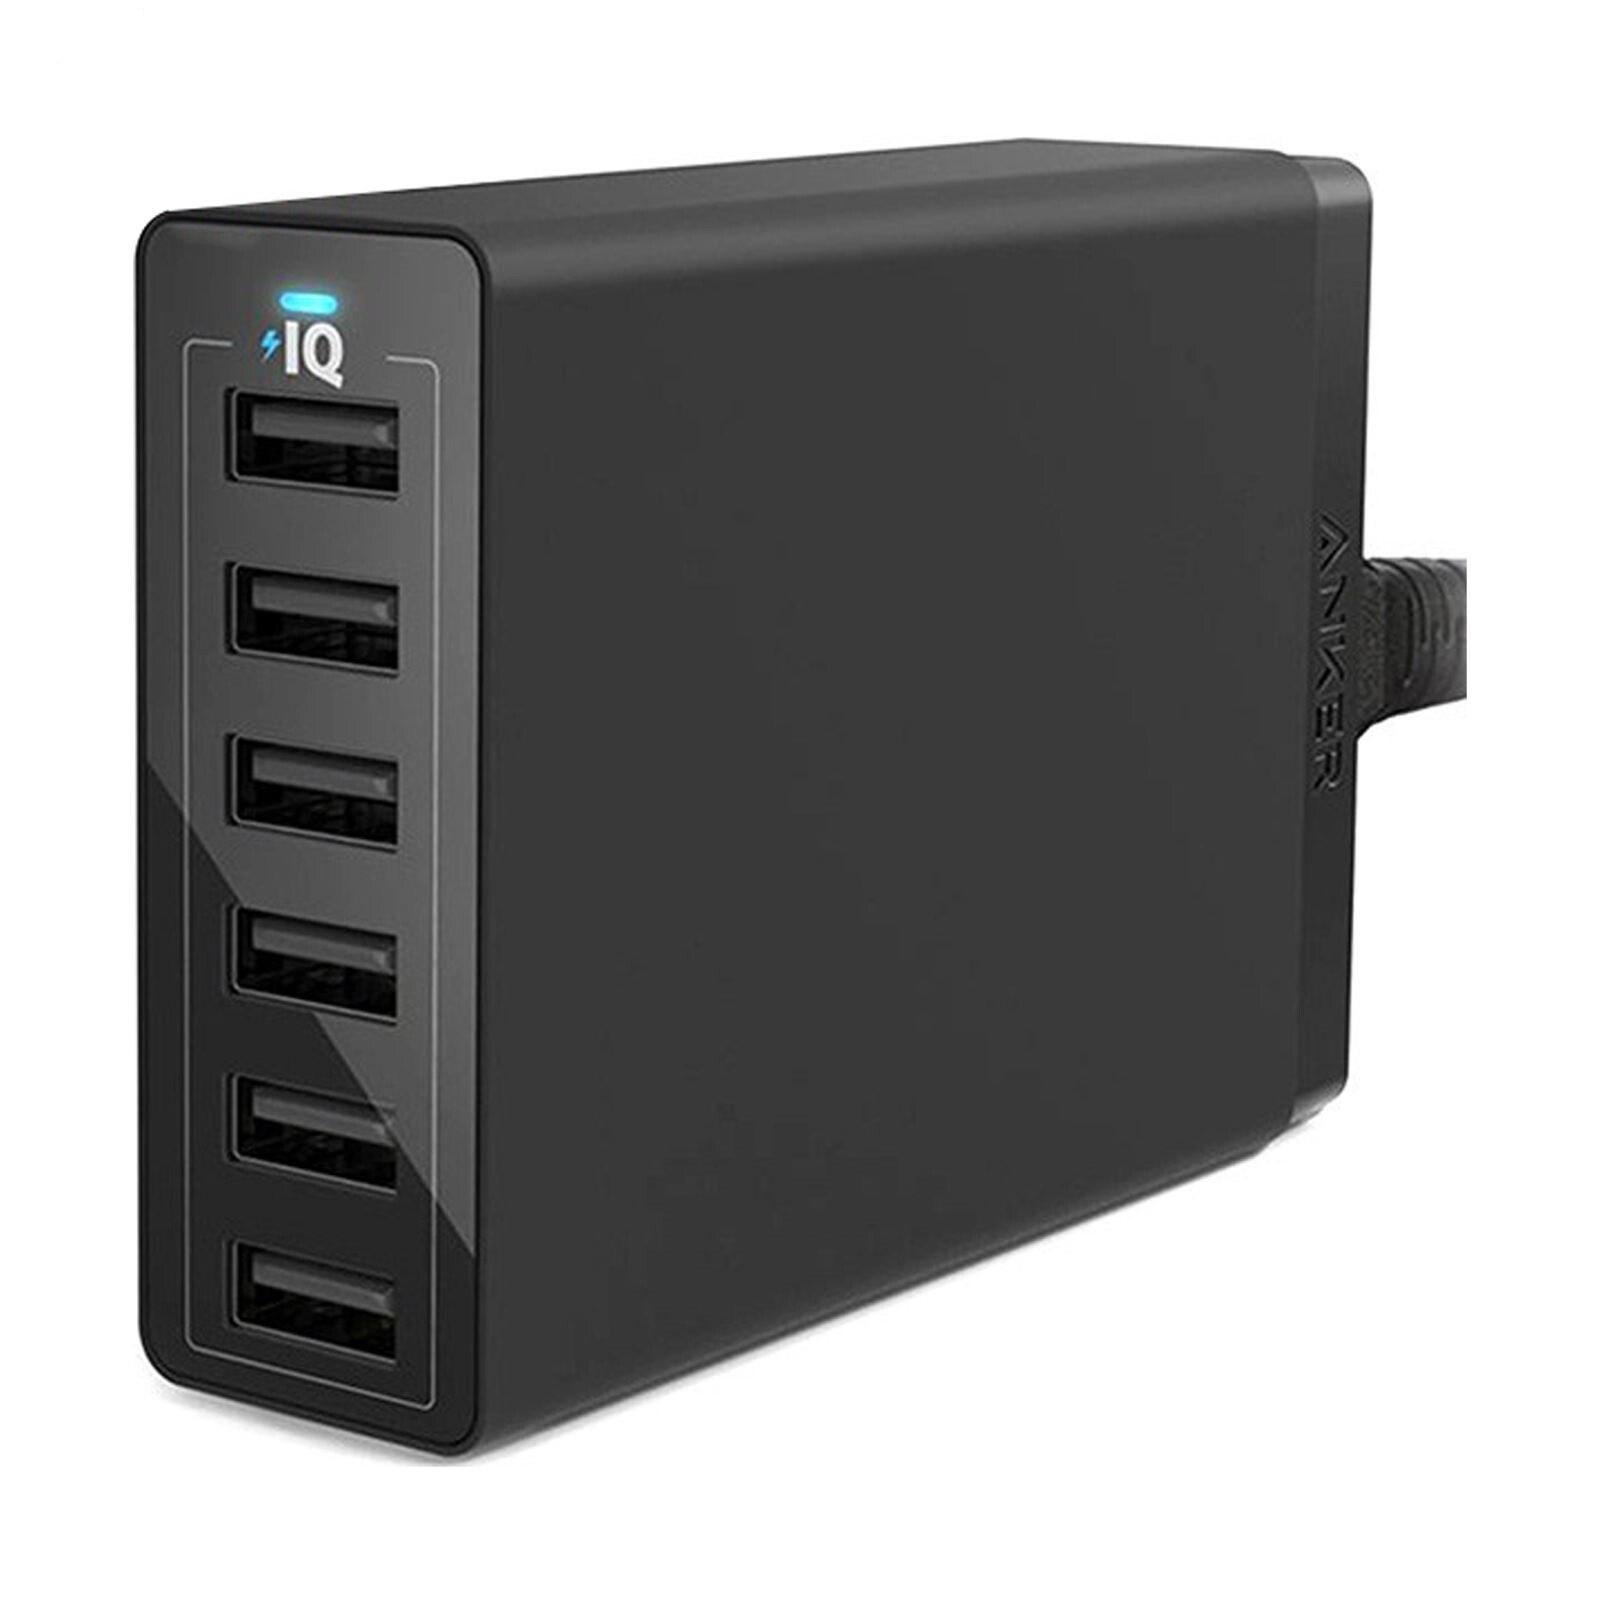 تصویر شارژر دیواری 60 وات 6 پورت انکر مدل A2123 Powerport 6 Anker A2123 PowerPort 6 60W 6-Port USB Wall Charger